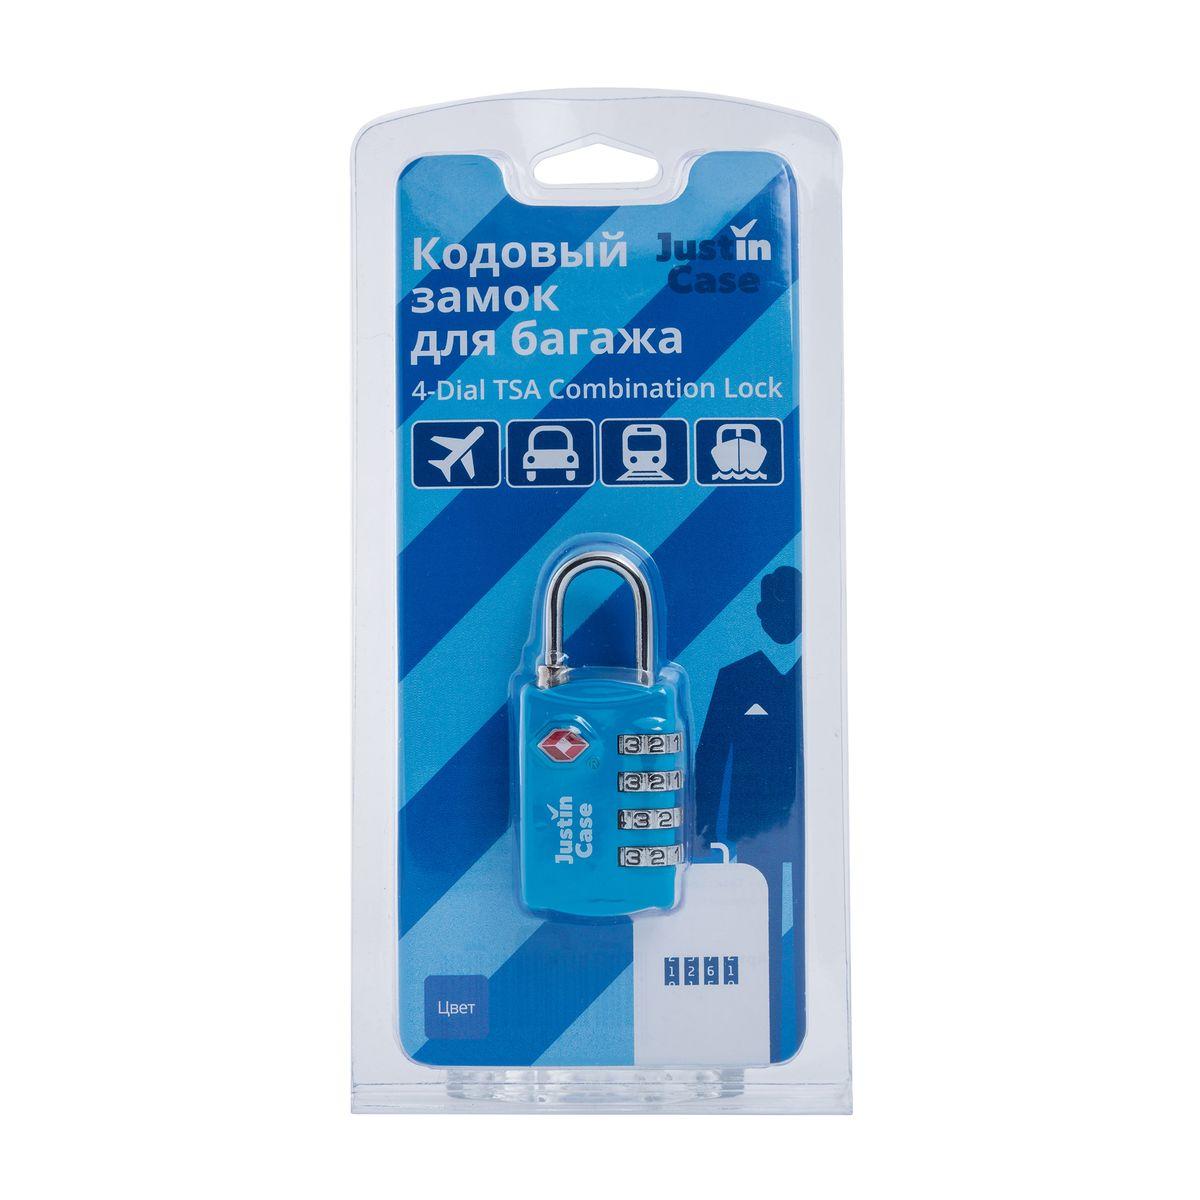 """Замок кодовый для багажа JustinCase """"4-Dial TSA Combination Lock"""", цвет: голубой"""